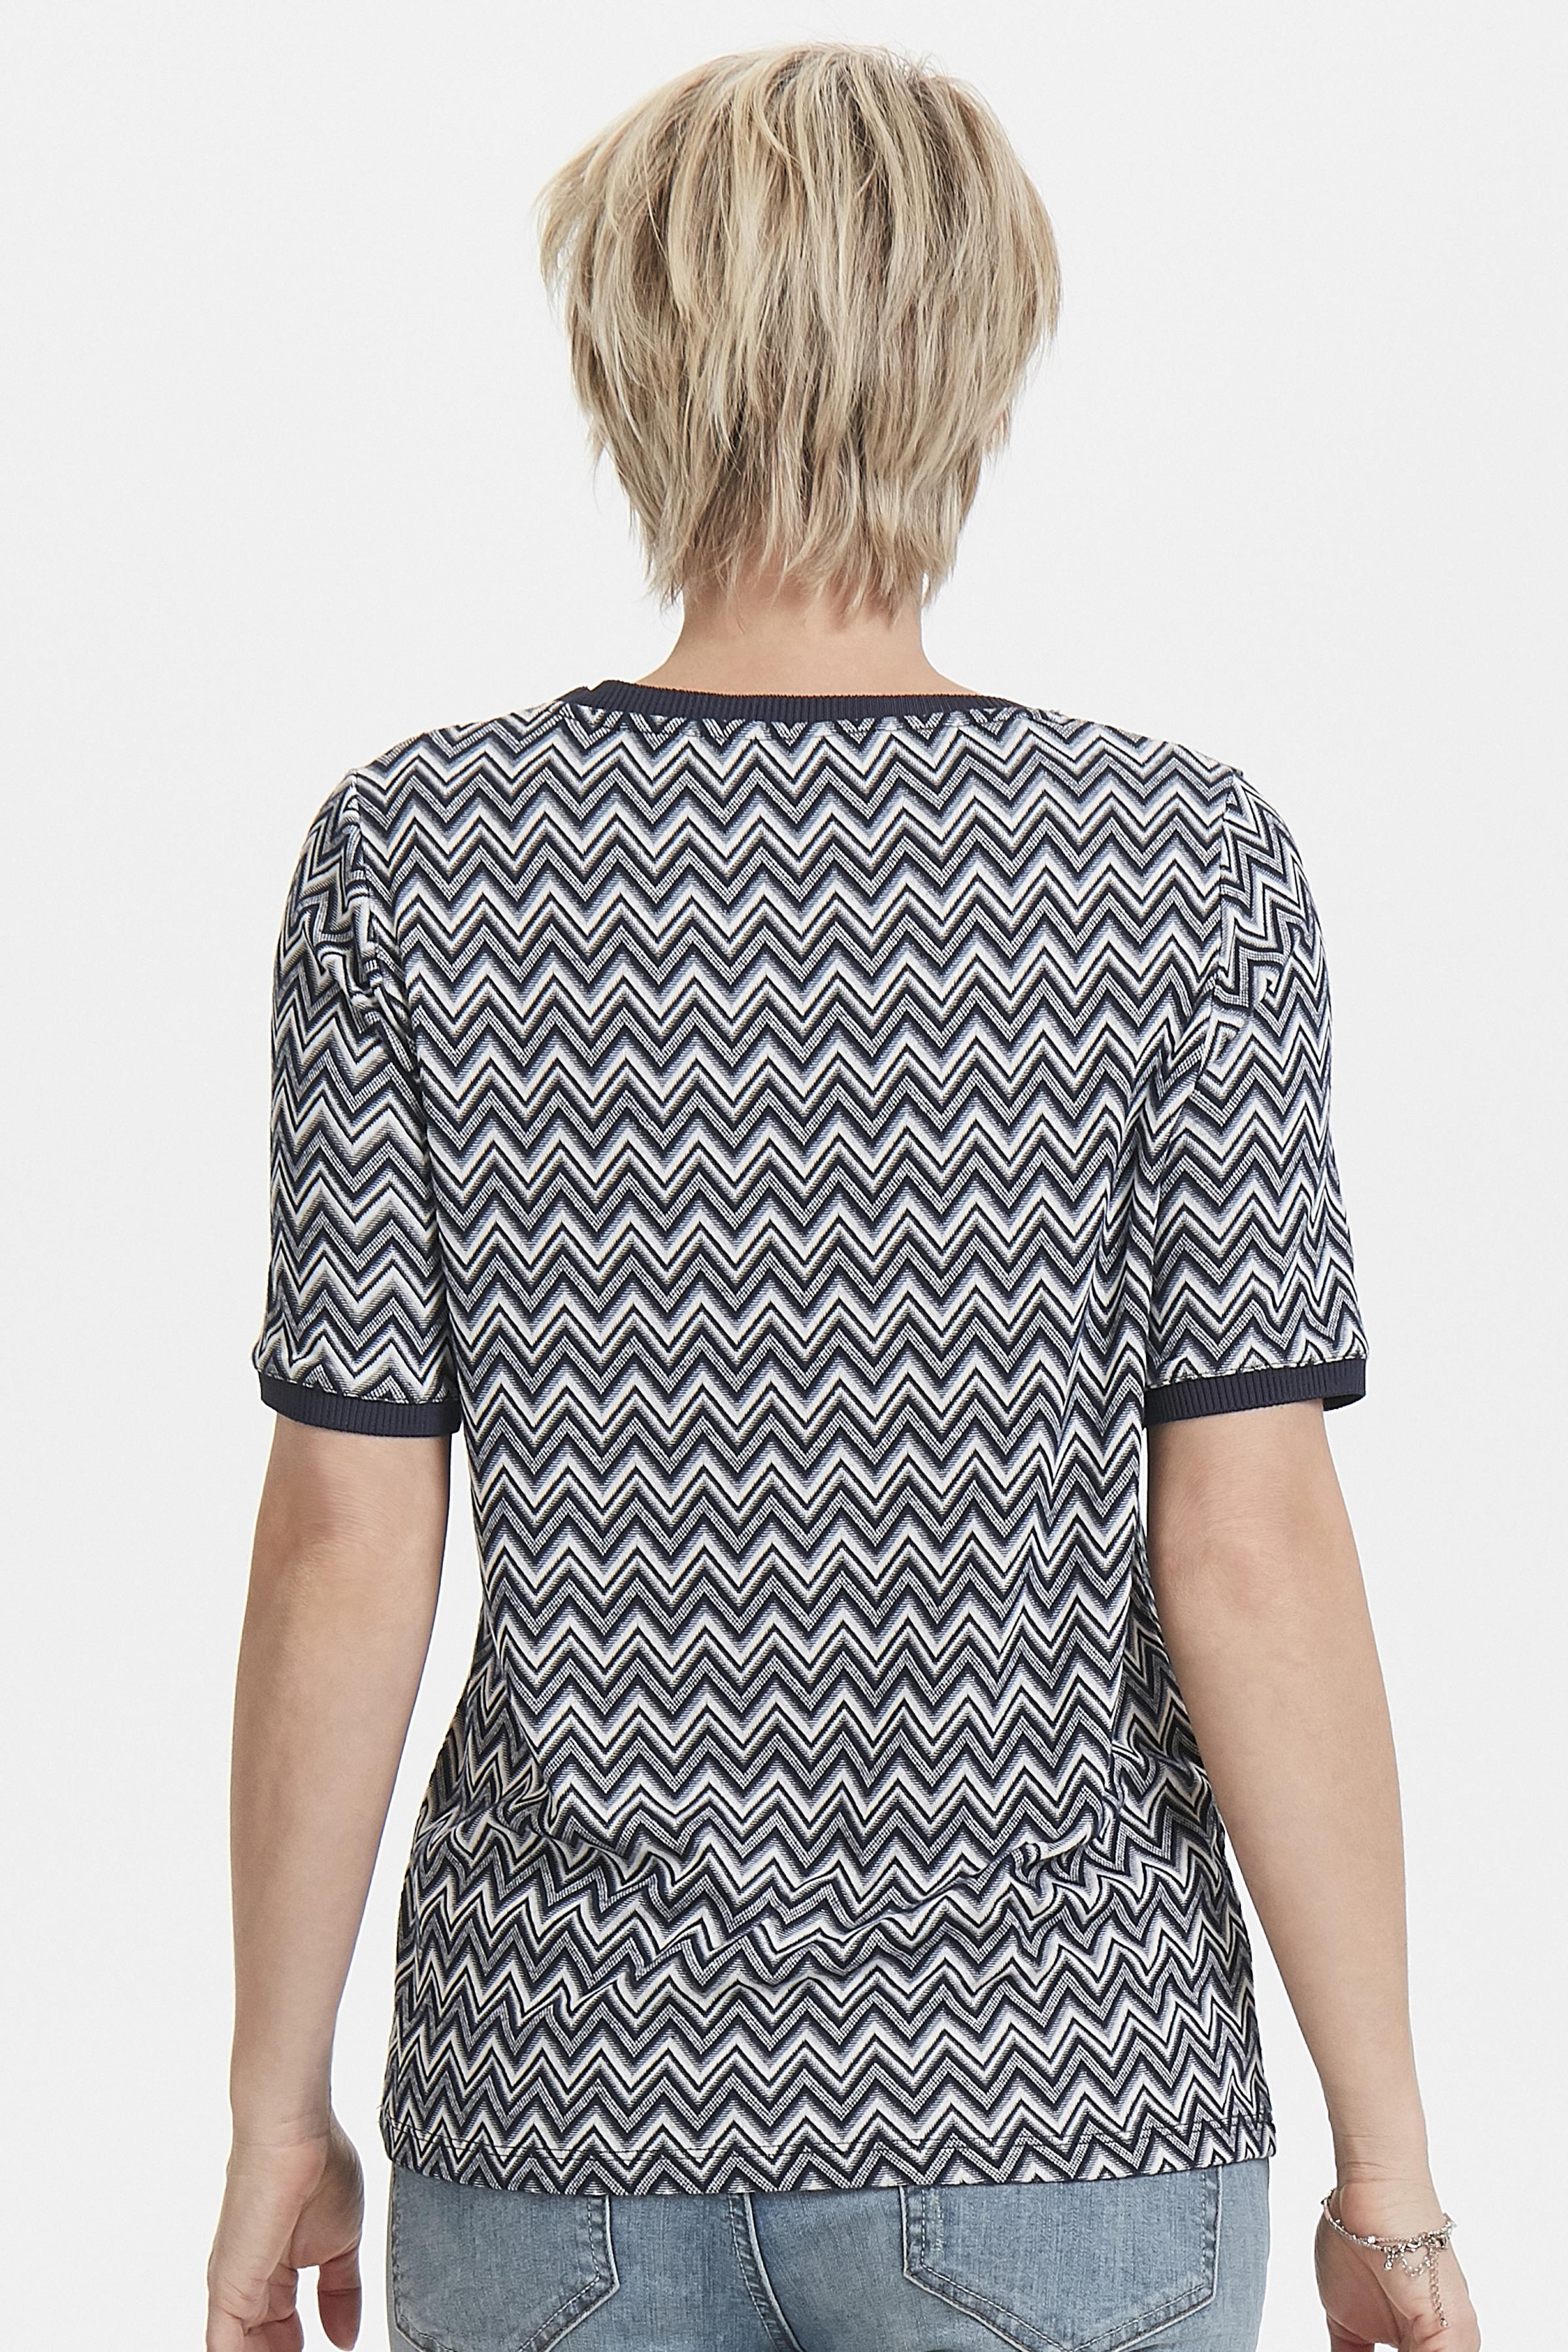 Marineblå/off-white Kortærmet bluse  fra Bon'A Parte – Køb Marineblå/off-white Kortærmet bluse  fra str. S-2XL her